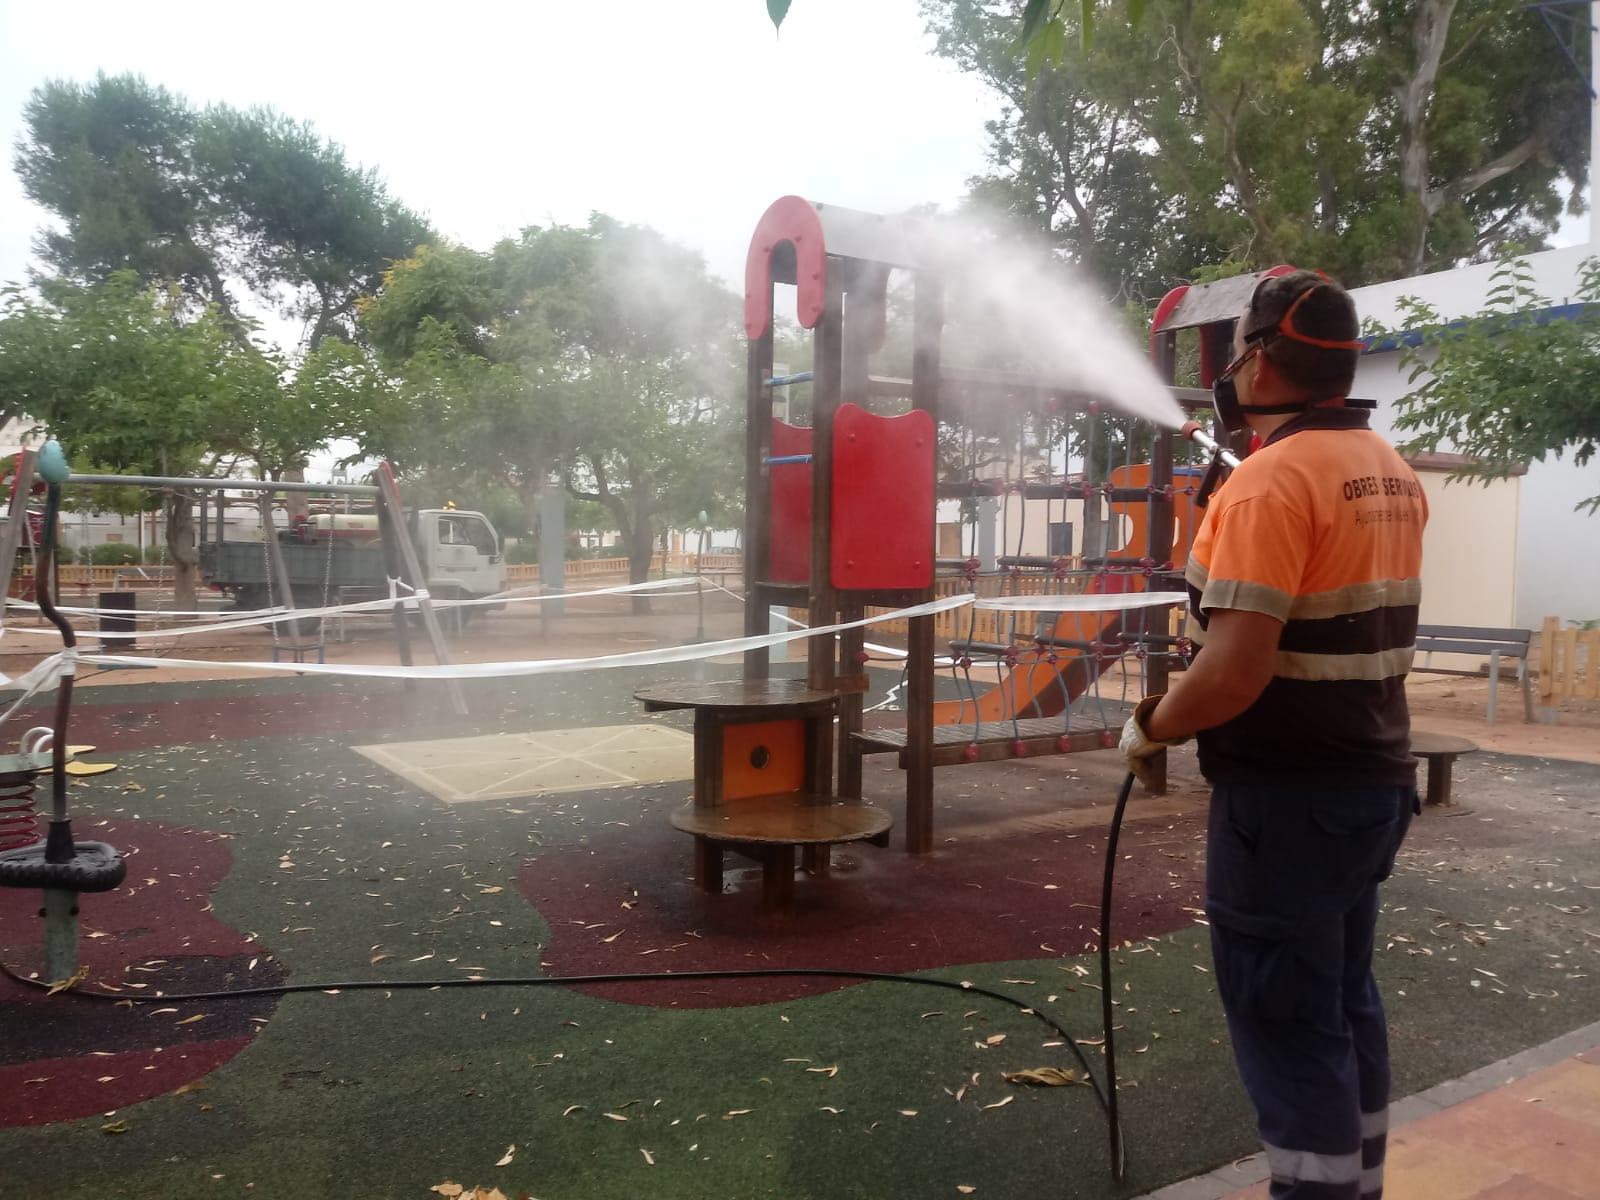 Nules reabre parques y espacios de ocio cerrados en el estado de alarma